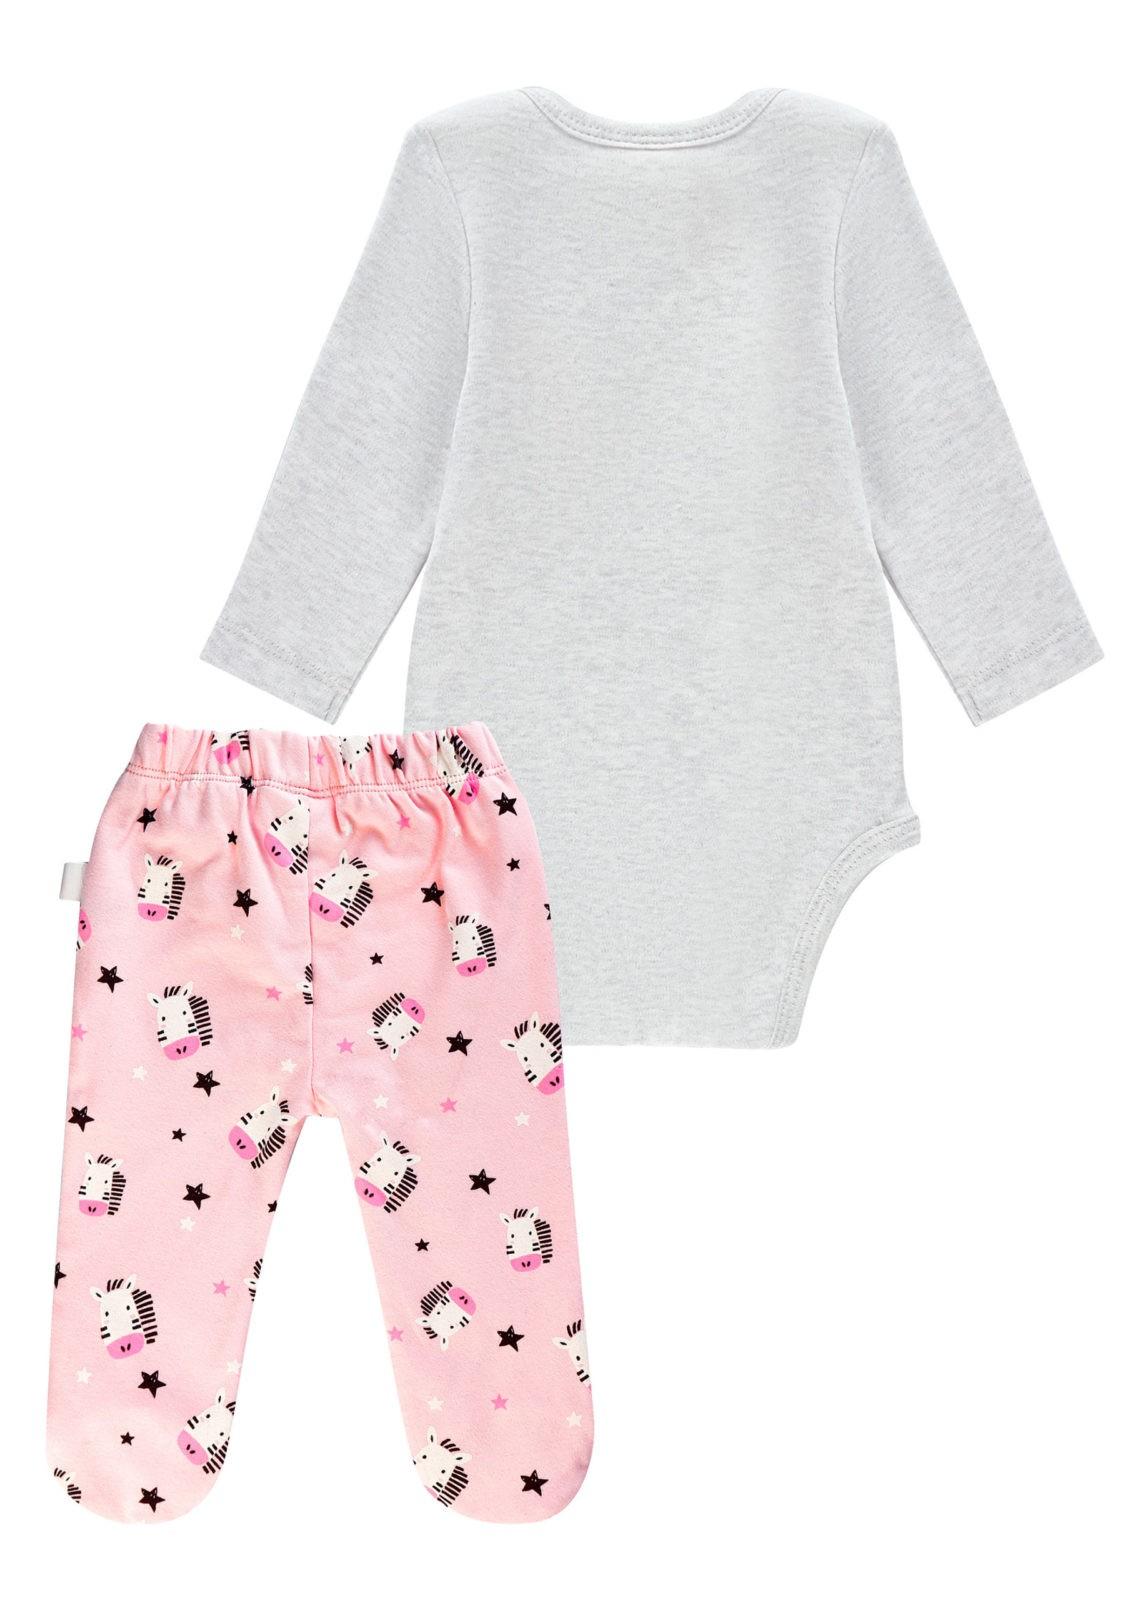 Dívčí body s tepláčkami Black & White Šedý melanž/Růžová